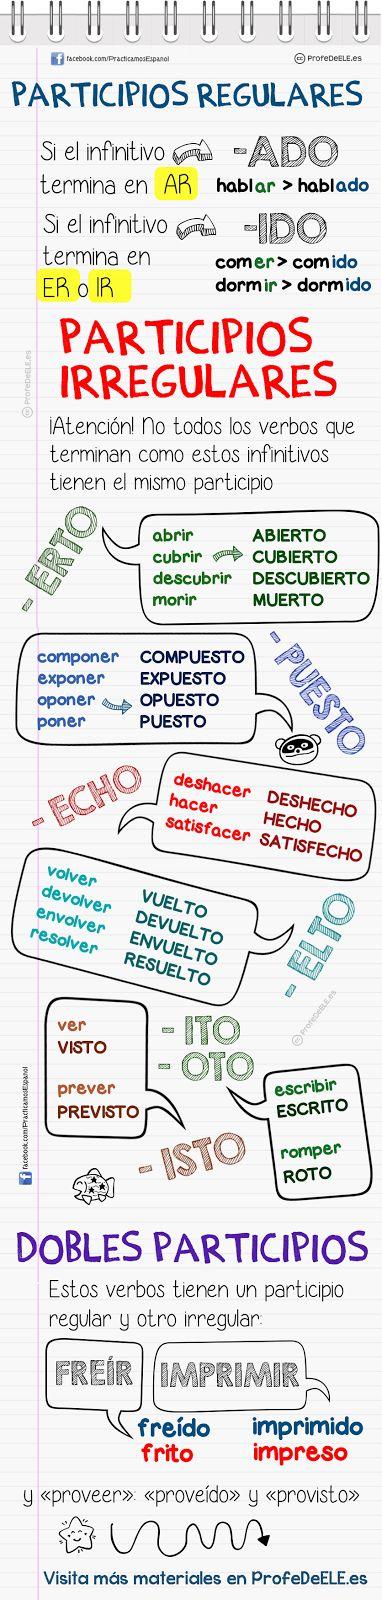 Participios regulares e irregulares en español - Explicación y actividad online (A2/B1) en www.profedeele.es | @ProfeDeELE.es.es.es.es.es.es.es